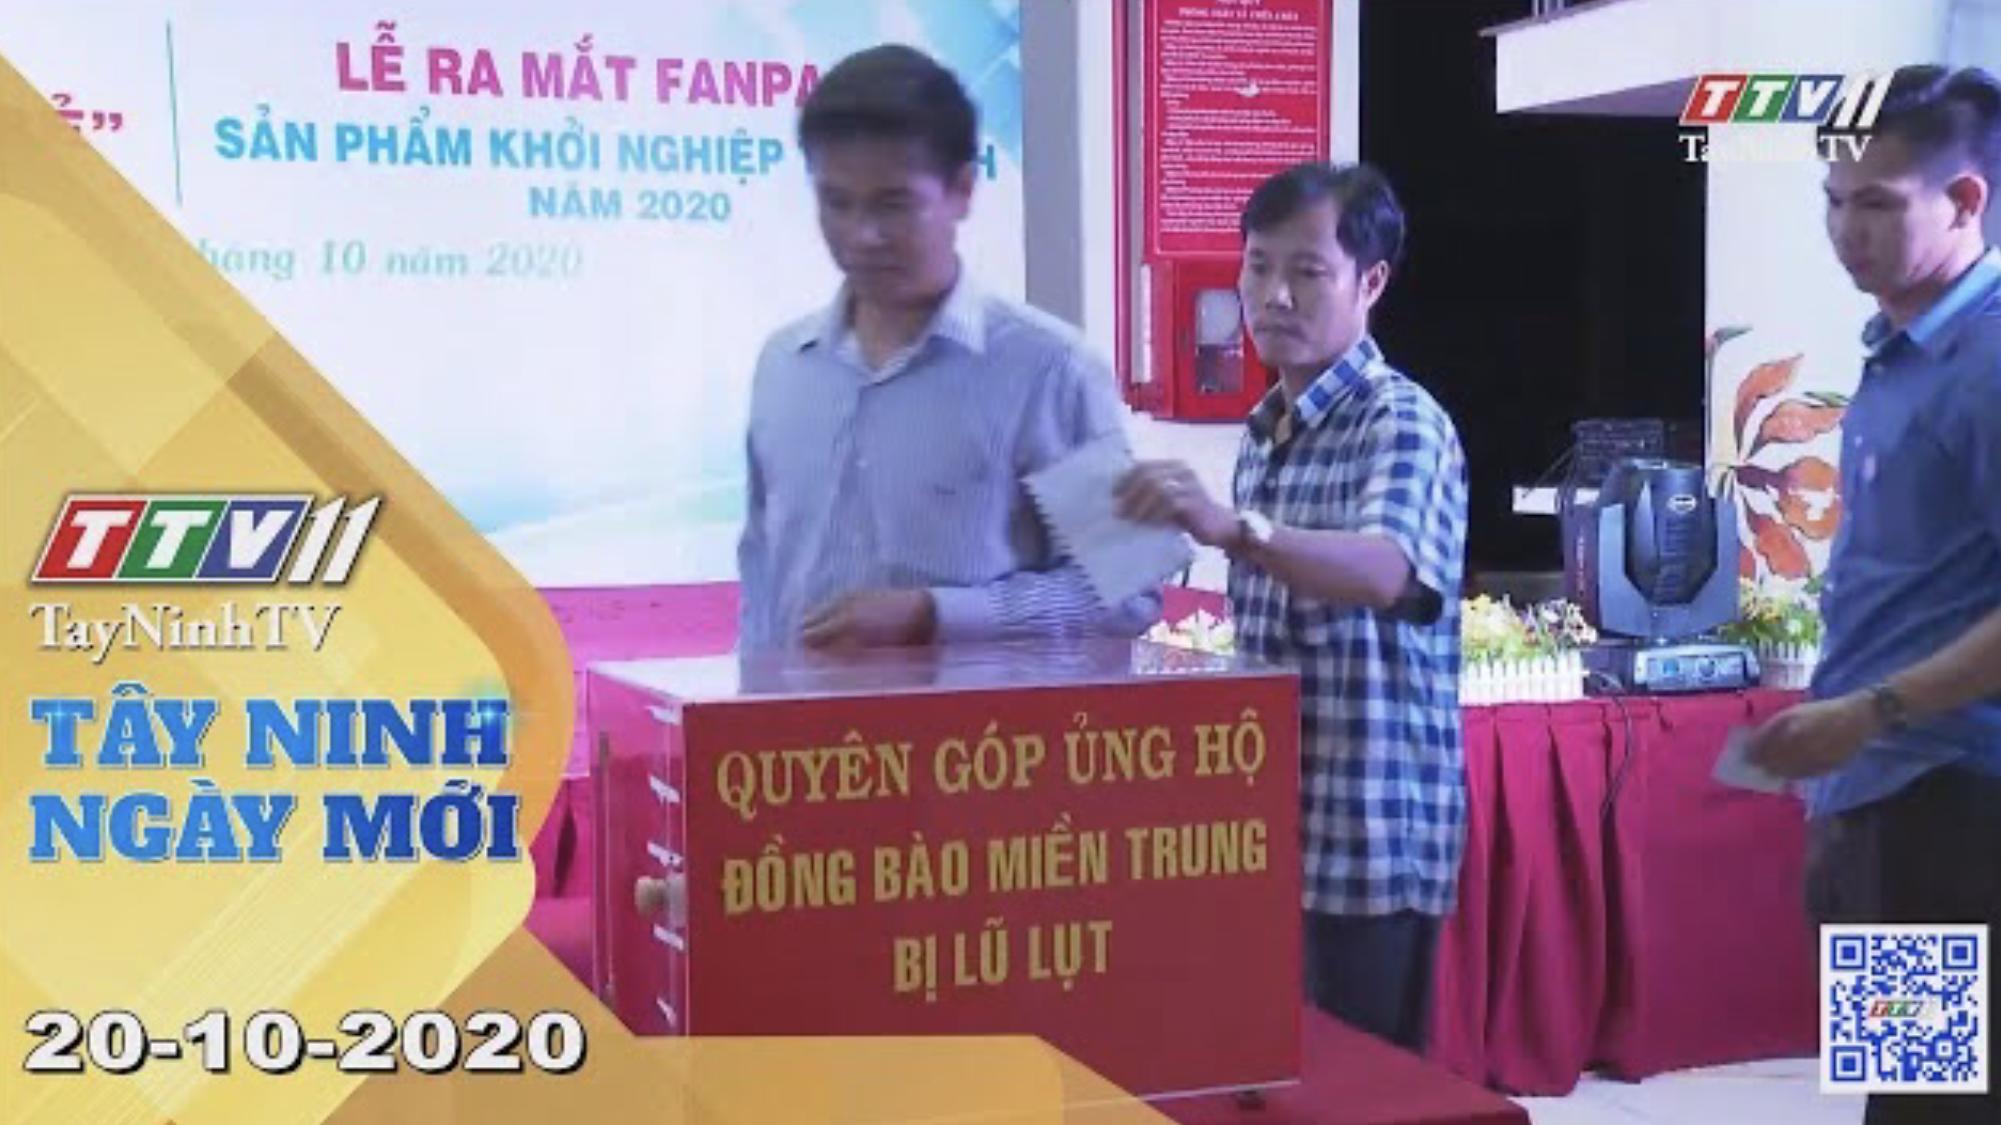 Tây Ninh Ngày Mới 20-10-2020 | Tin tức hôm nay | TayNinhTV